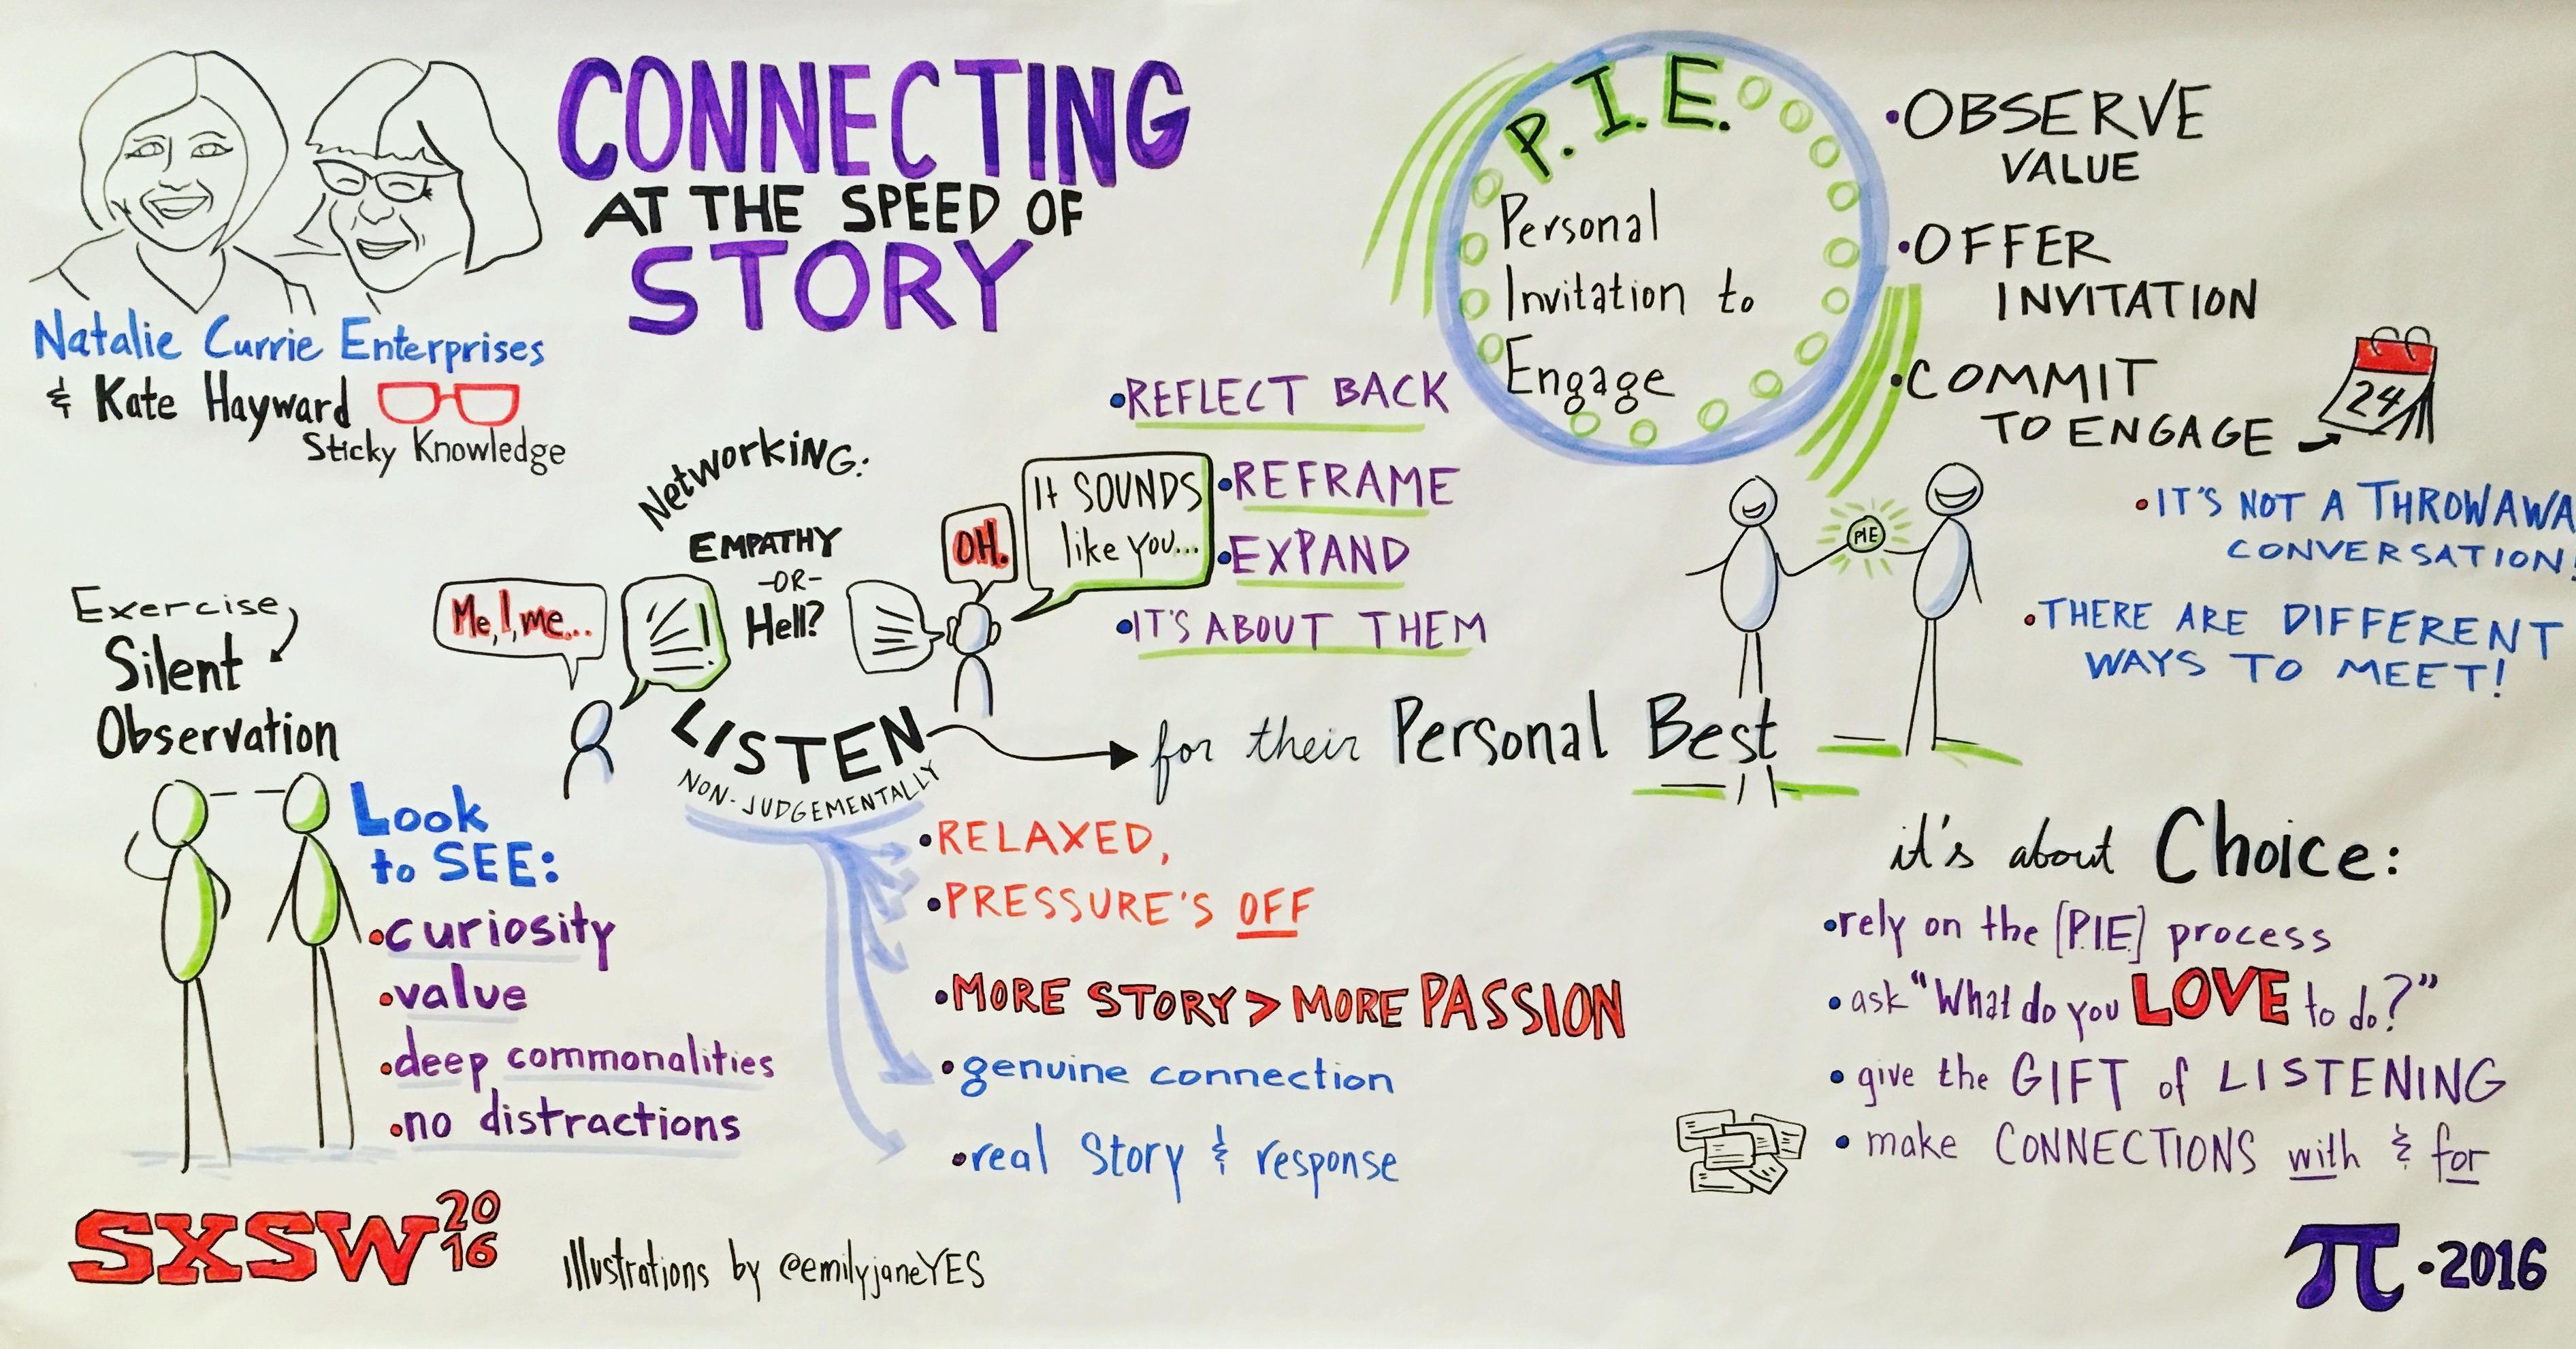 StoryConnectSXSW